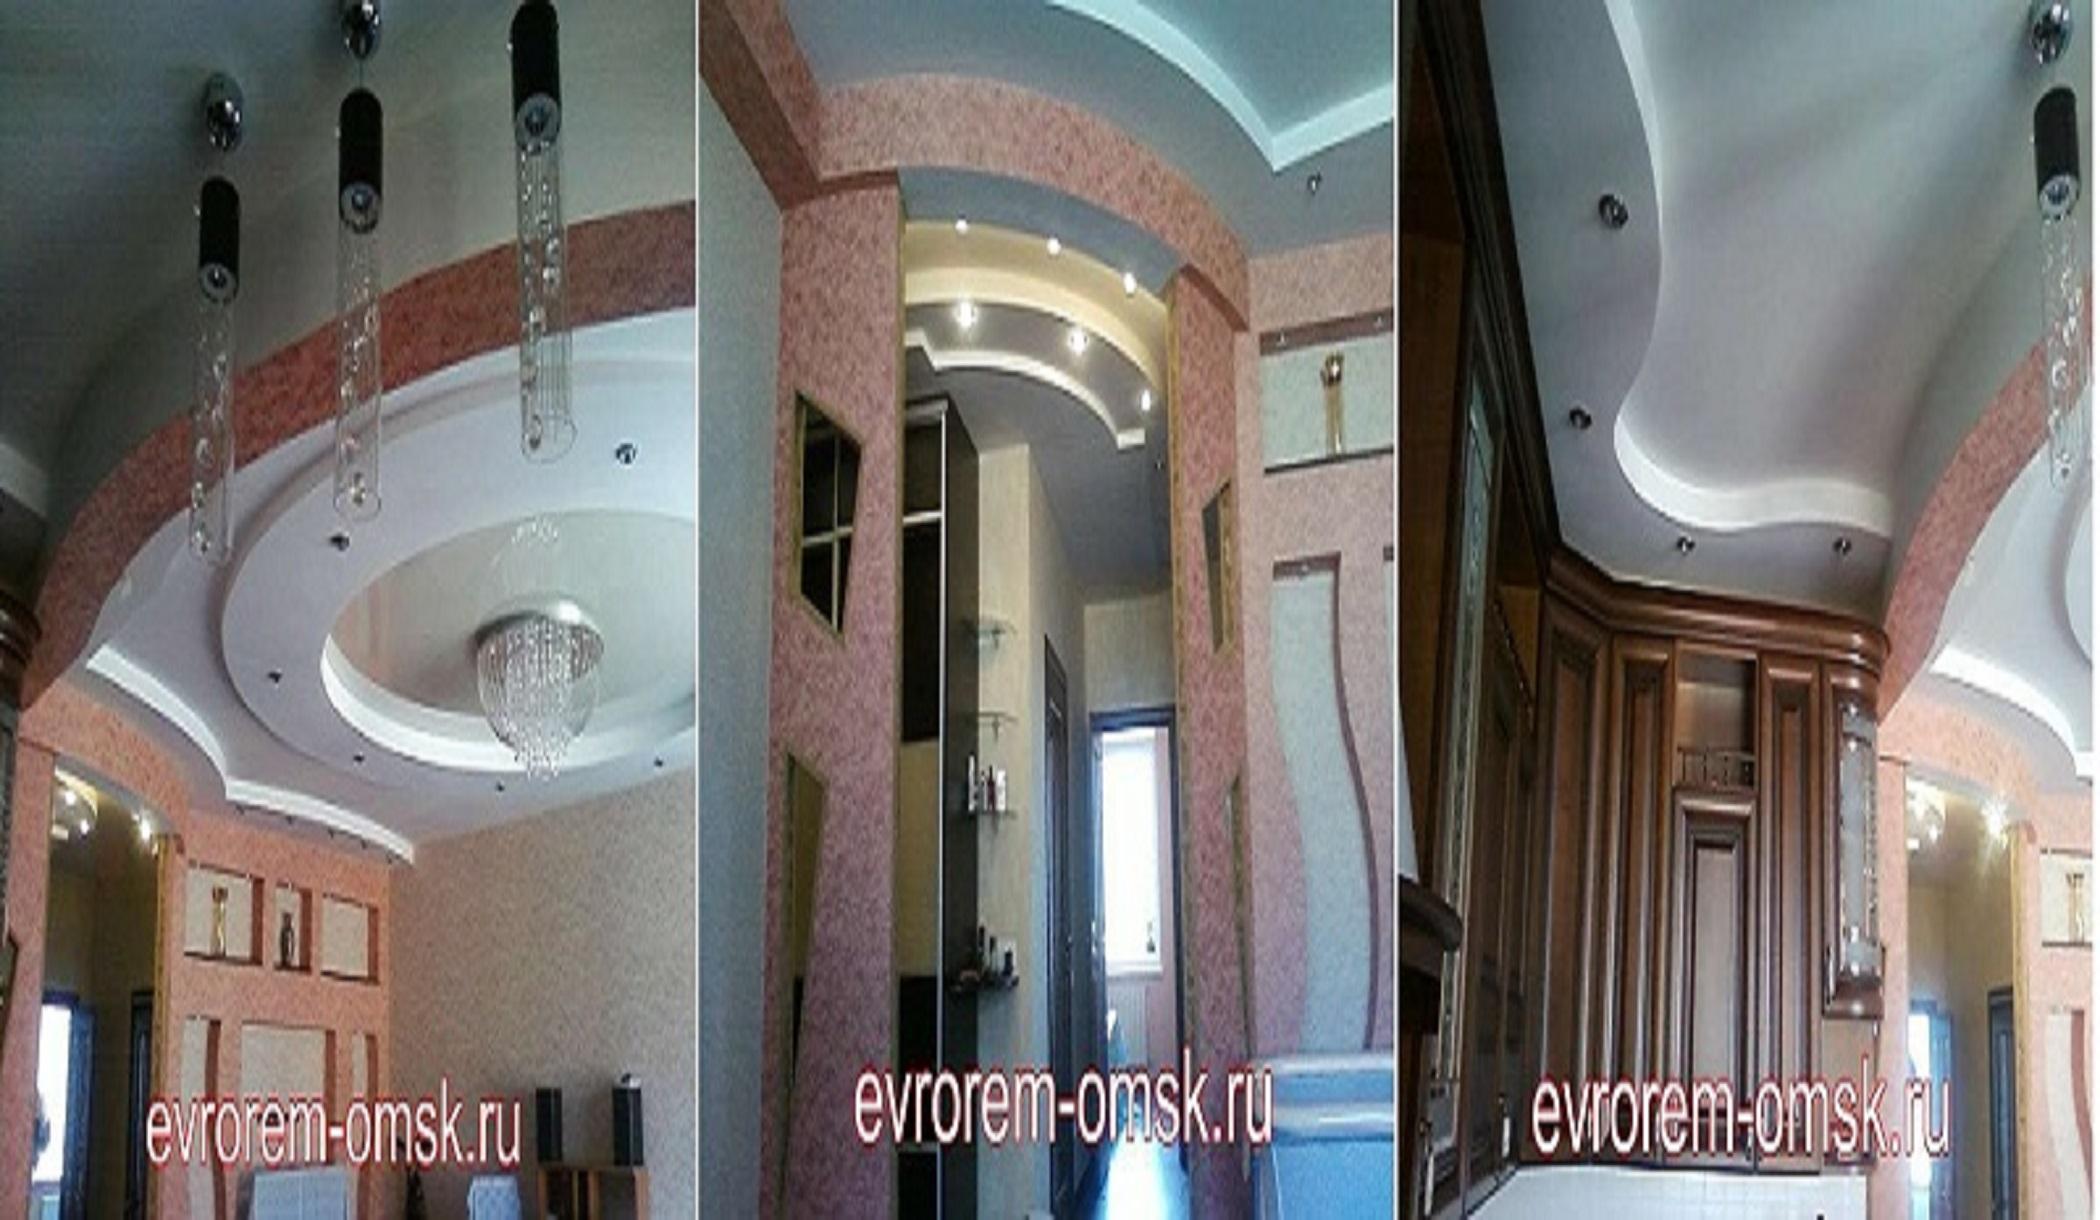 Ремонт квартир в Омске - дизайн интерьера в подарок